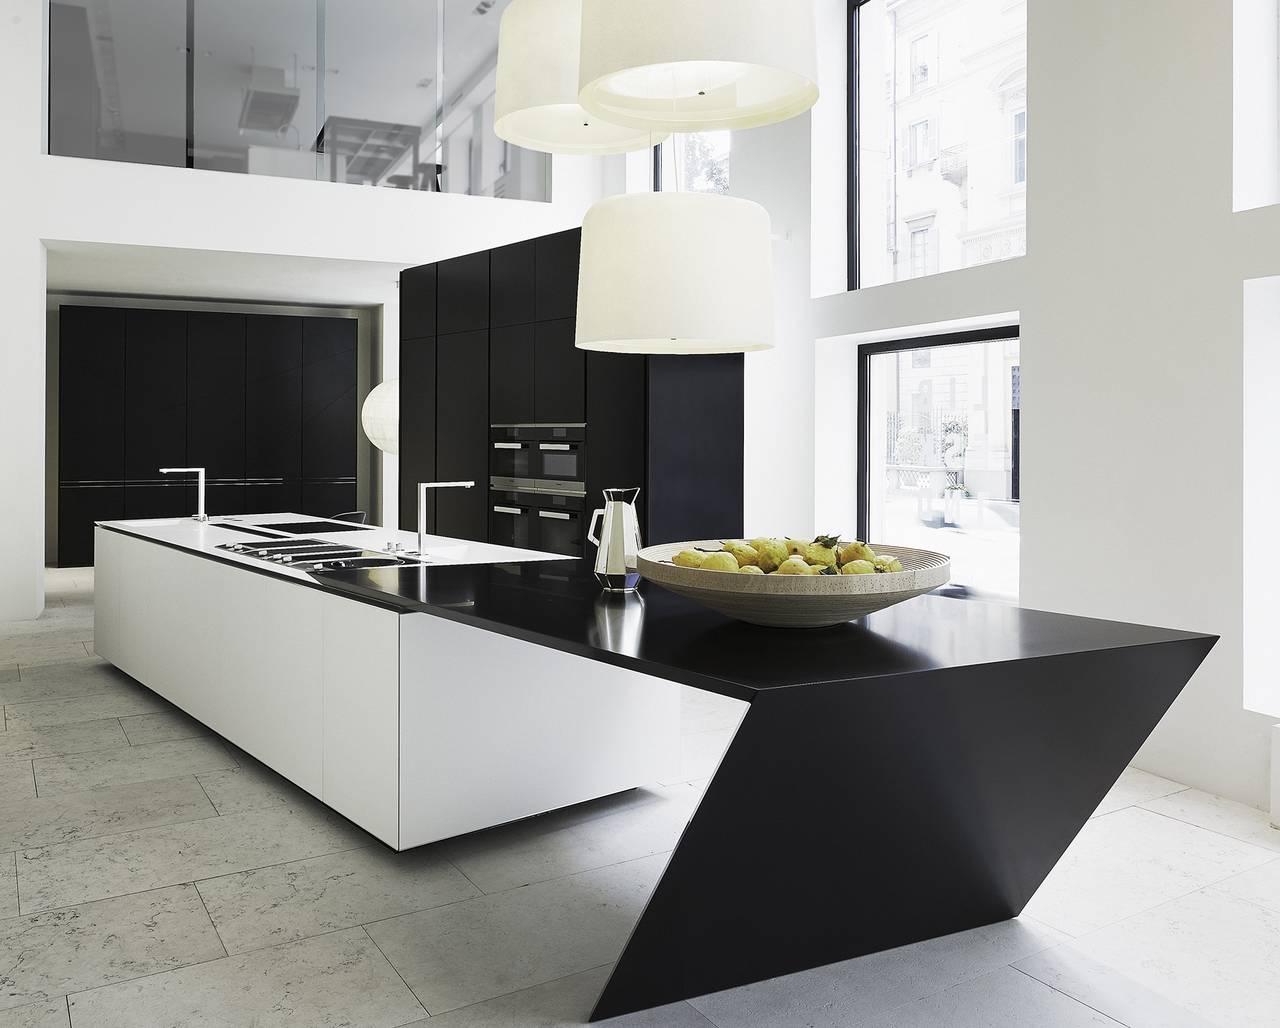 Nelle cucine in solid surfaces il design incontra l - A cucina ra casa mia ...